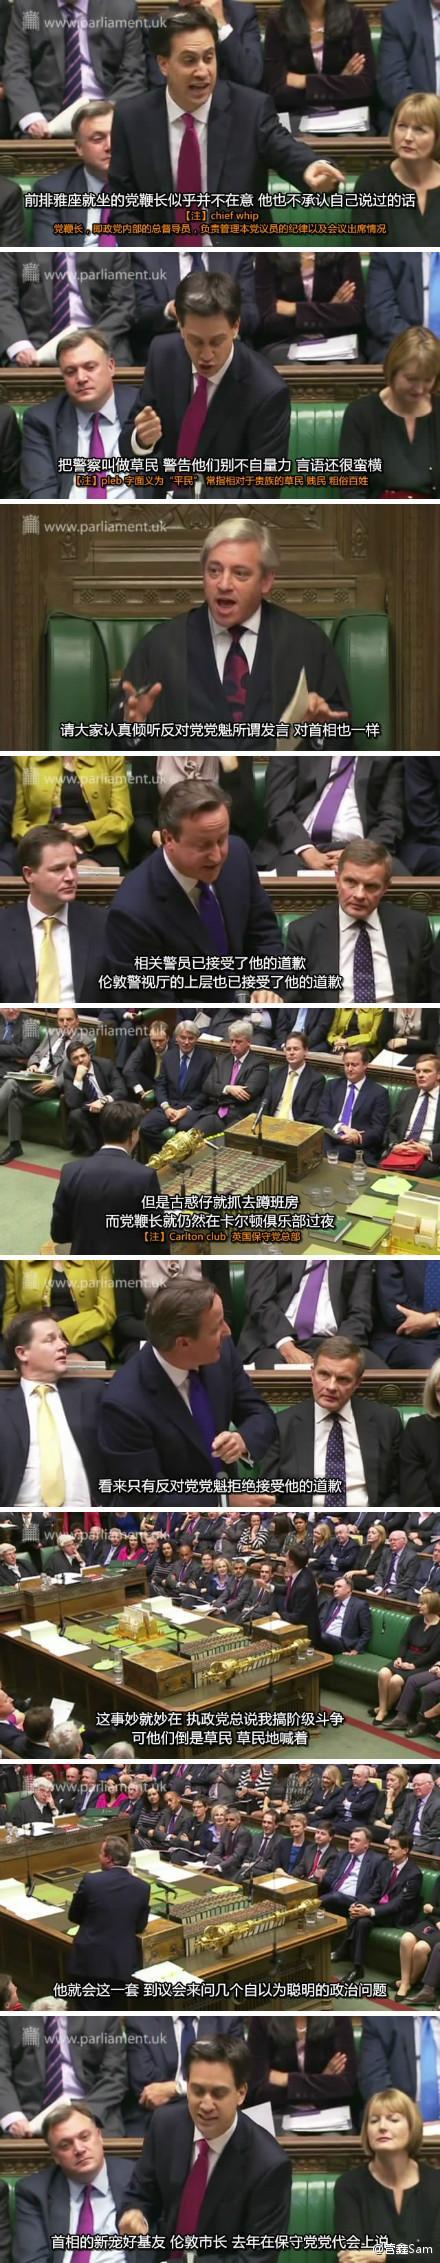 """英国下议院首相问答 2012.10.17【高官辱骂警察""""屌丝""""门事件】"""